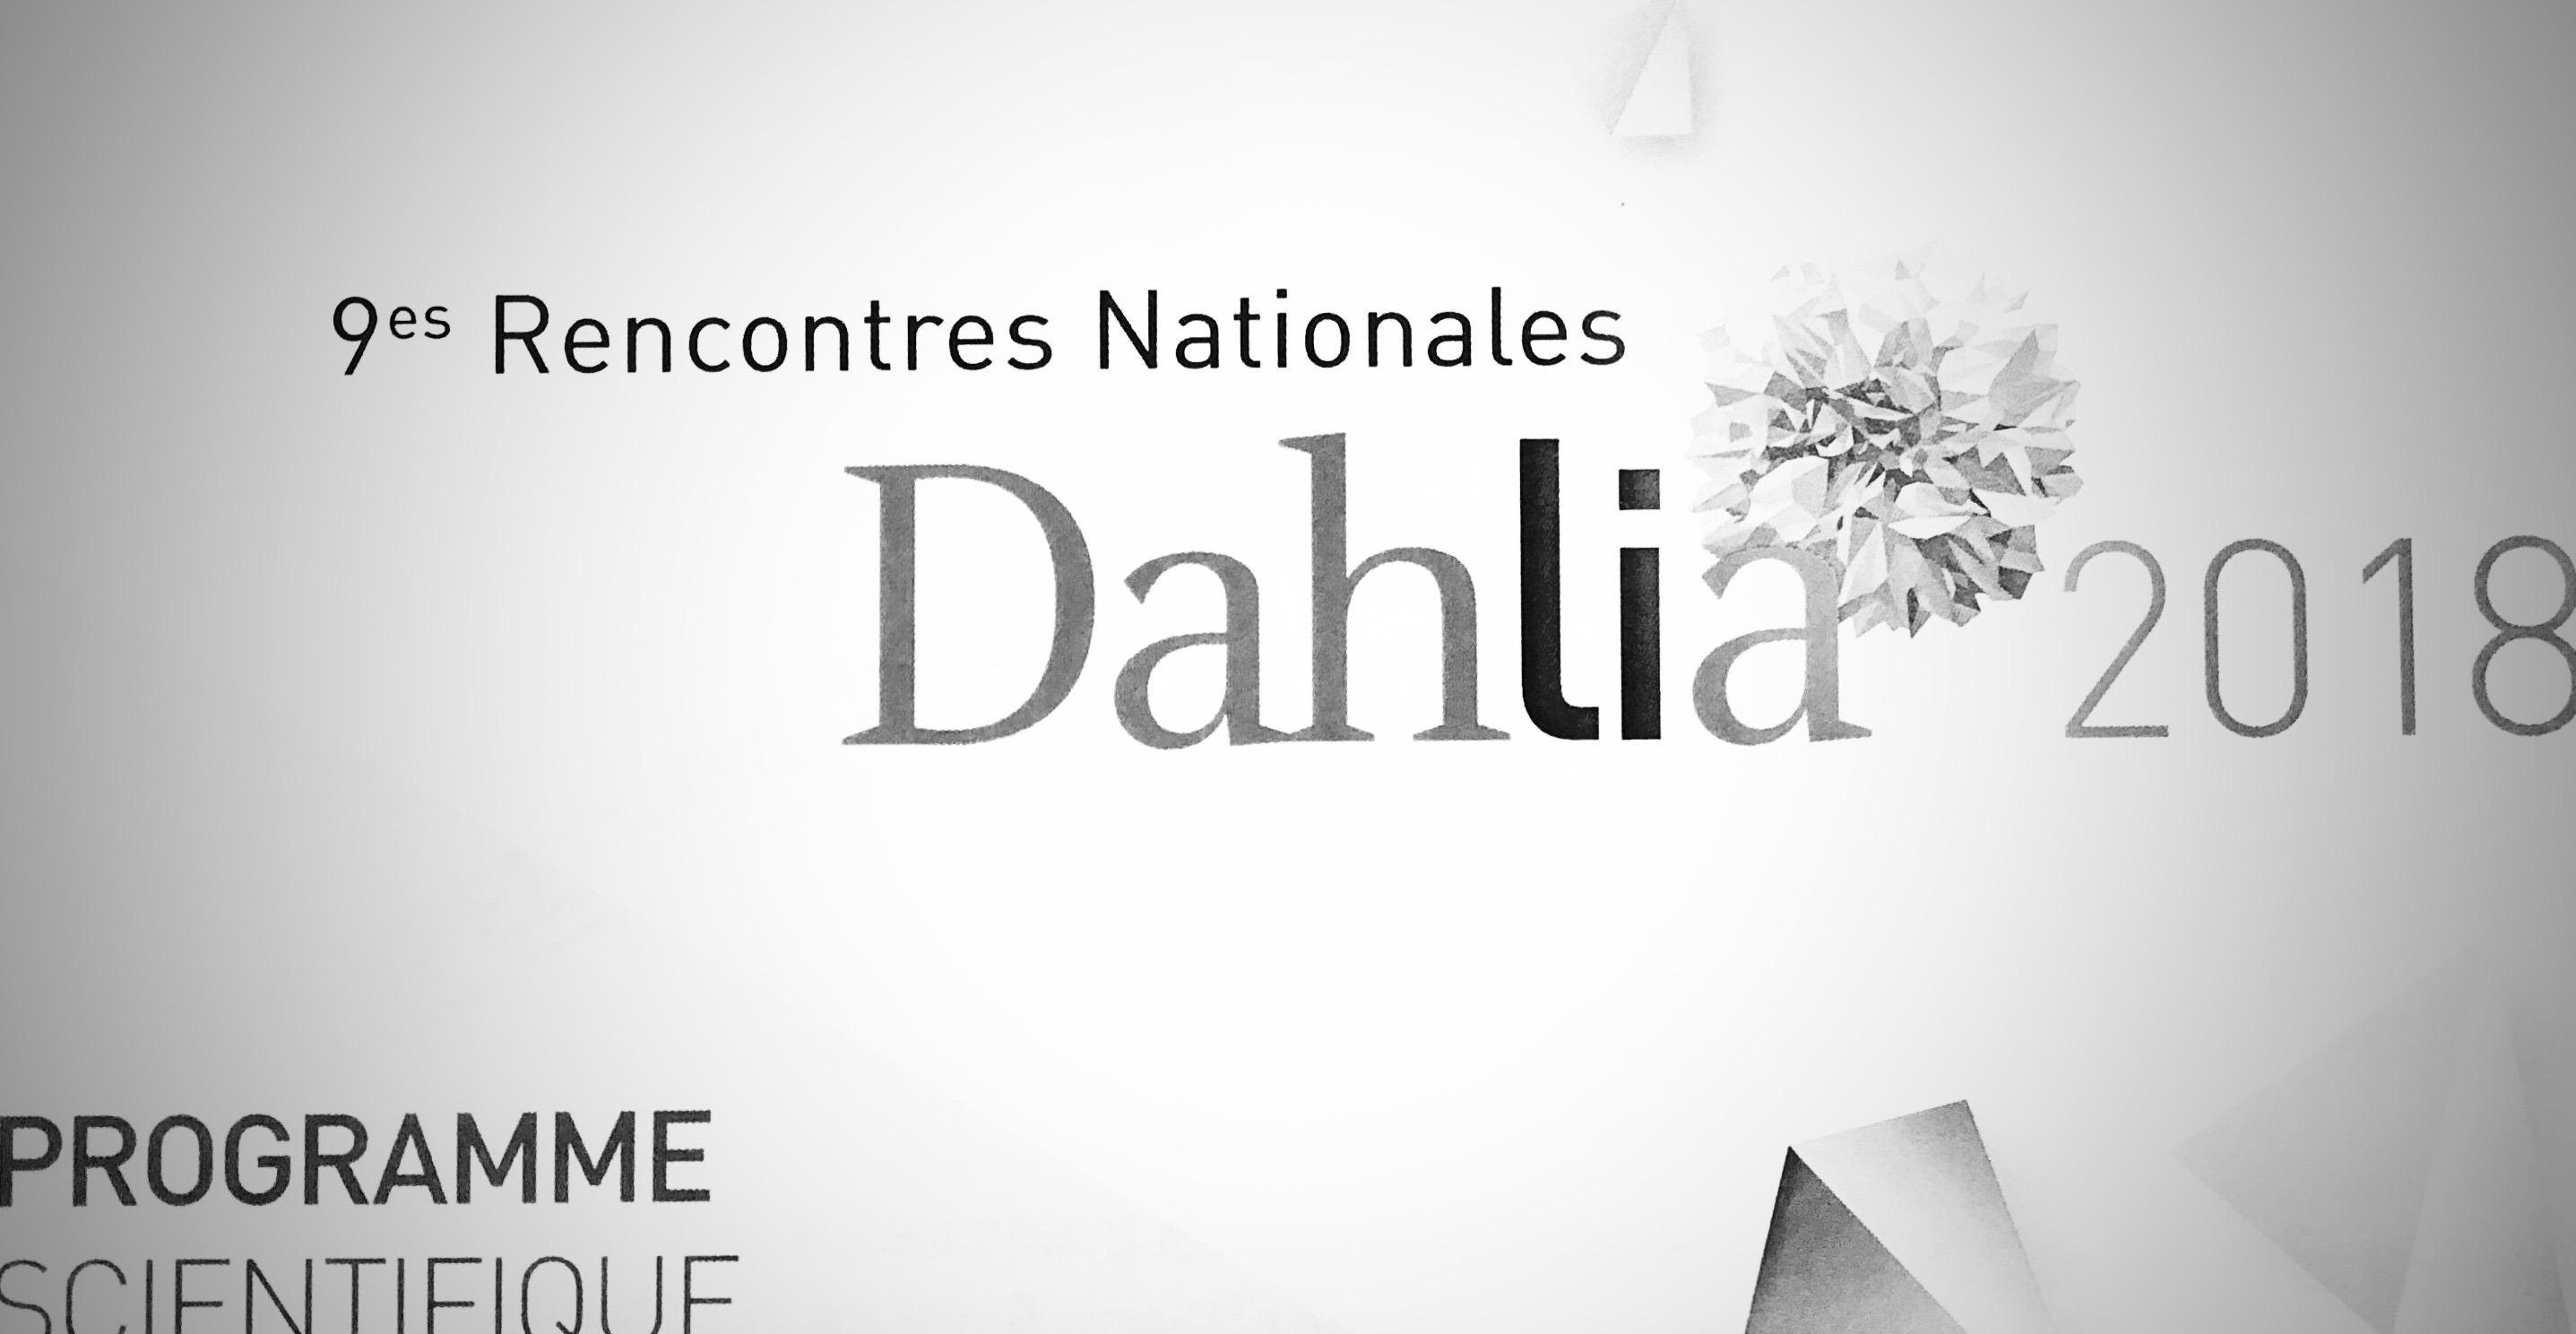 DAHLIA 2018 : LA MEDECINE CONNECTEE .. ALLO TONTON, POURQUOI TU TOUSSES?